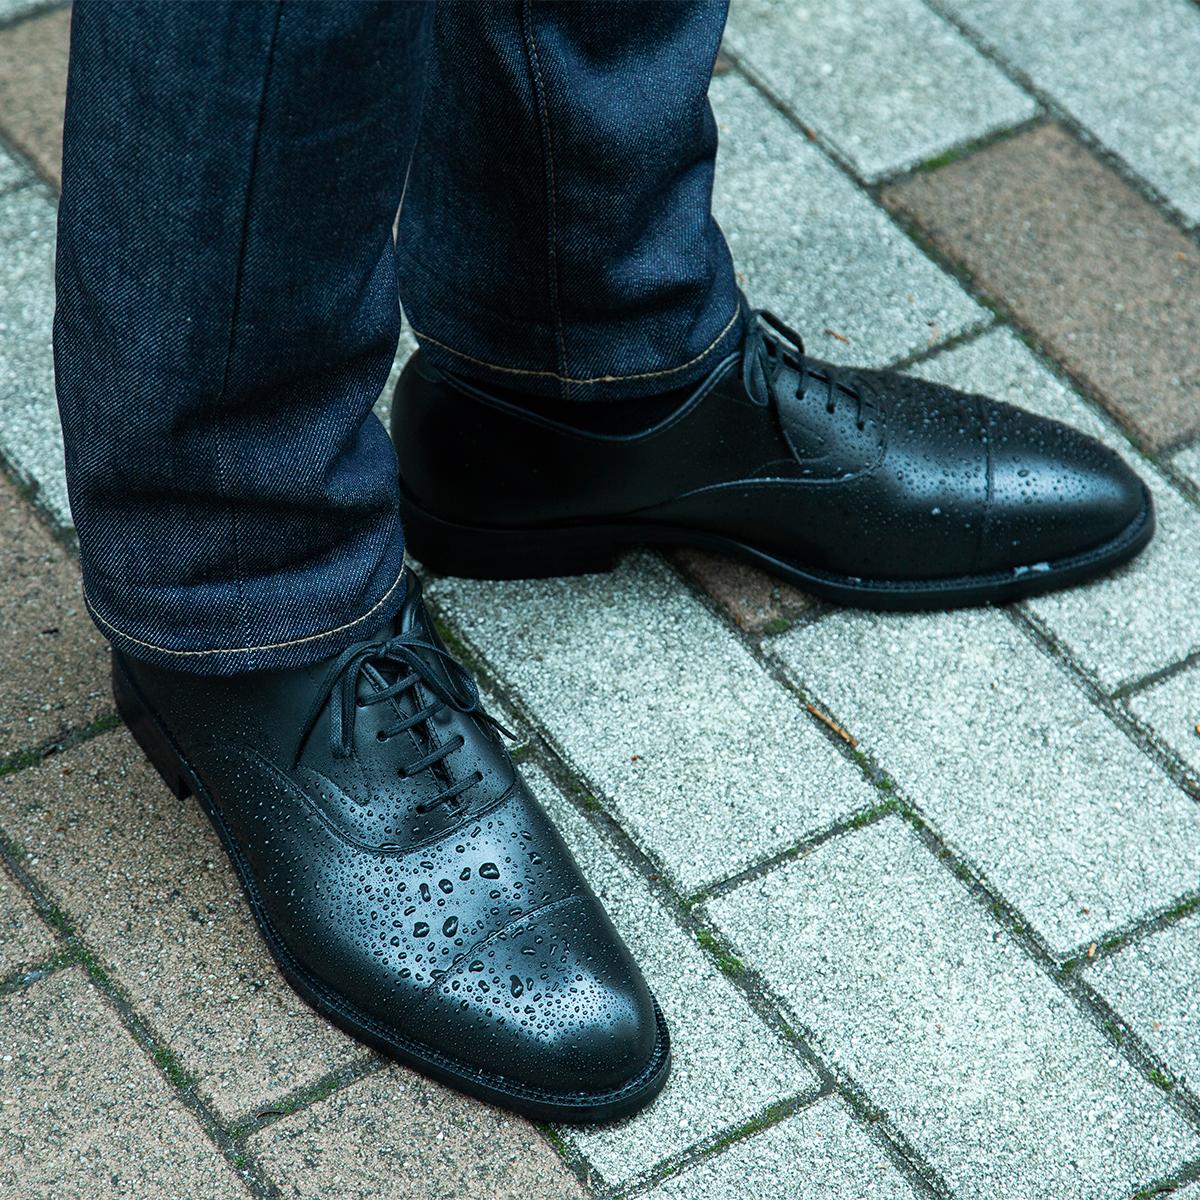 >面倒なお手入れが要らない、雨水が染み込まない、継ぎ目なしの防水構造!まるで革靴のような気品漂う「レインシューズ」|三陽山長